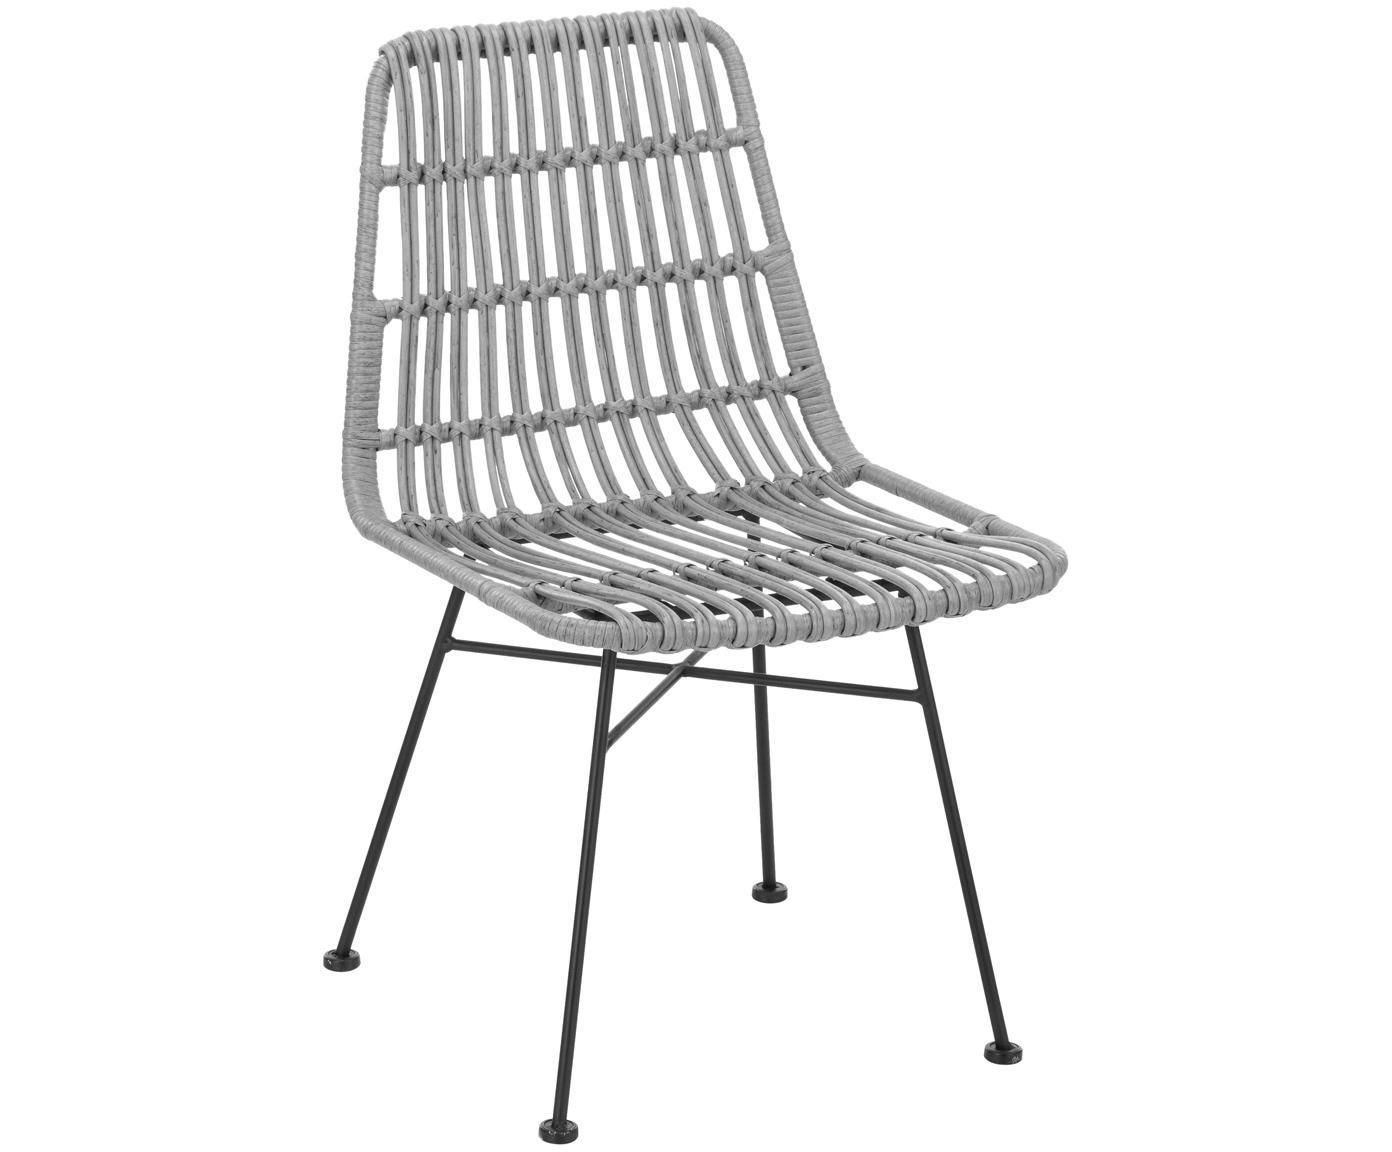 Sillas Tulum, 2uds., Asiento: polietileno, Estructura: metal, pintura en polvo, Asiento: gris manchado Estructura: negro mate, An 47 x F 62 cm